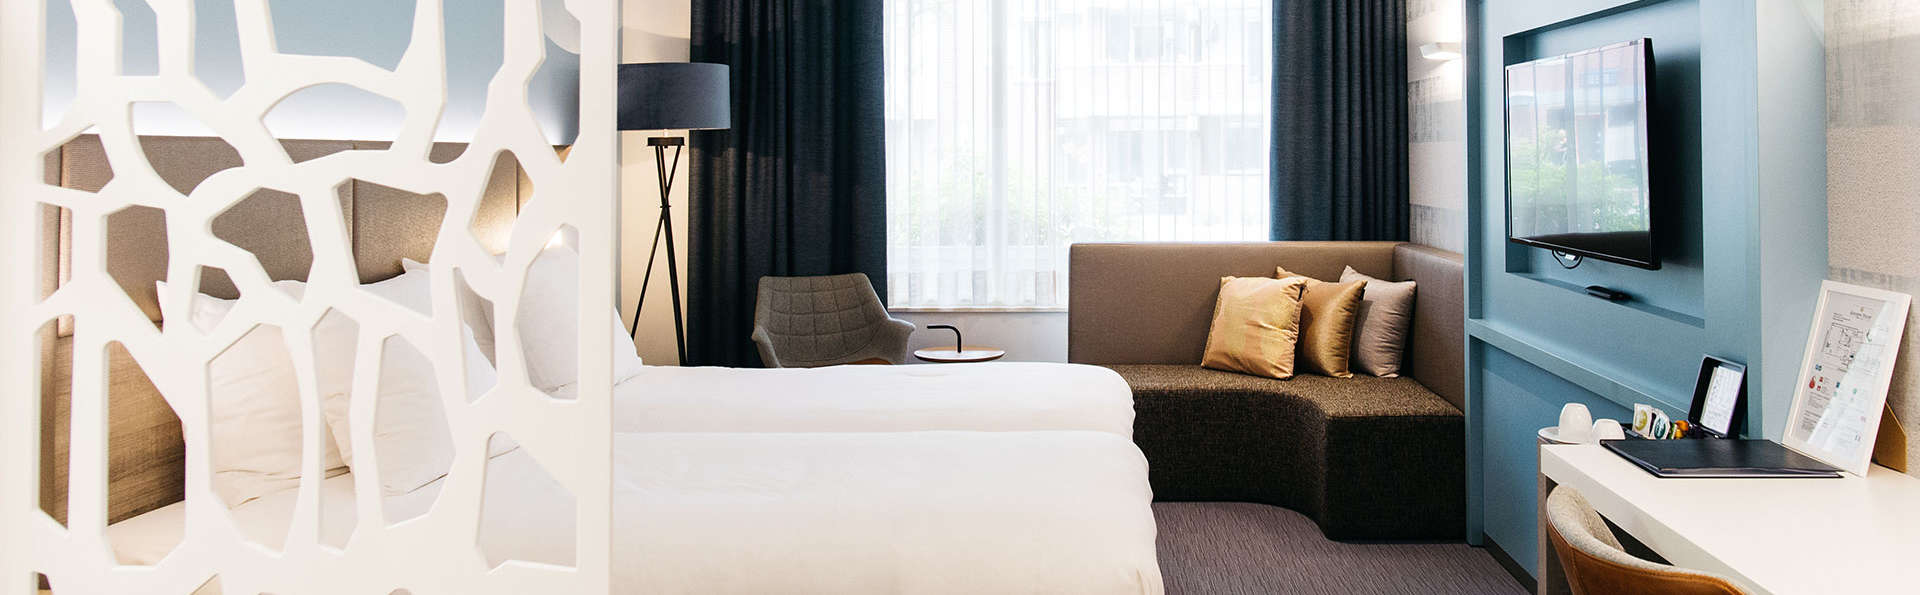 Confort, luxe et hospitalité limbourgeoise à Weert